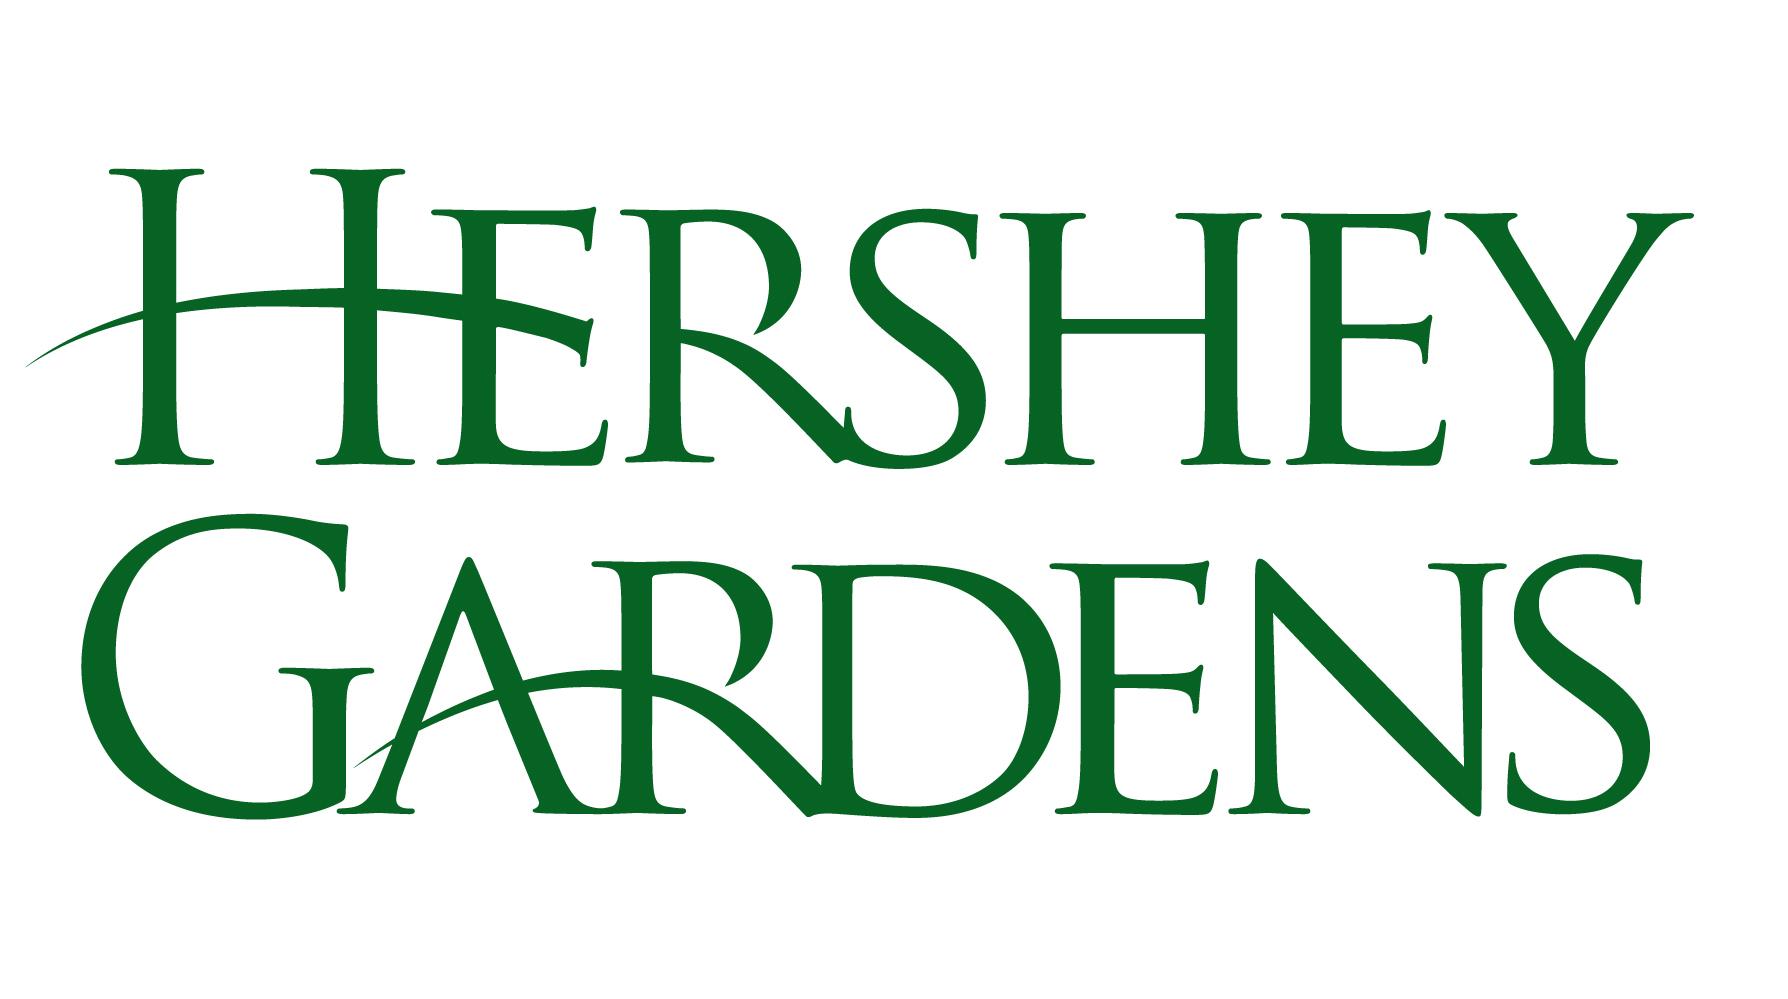 Hershey Gardens new logo Pantone 357 | Visit The Hershey Story Museum